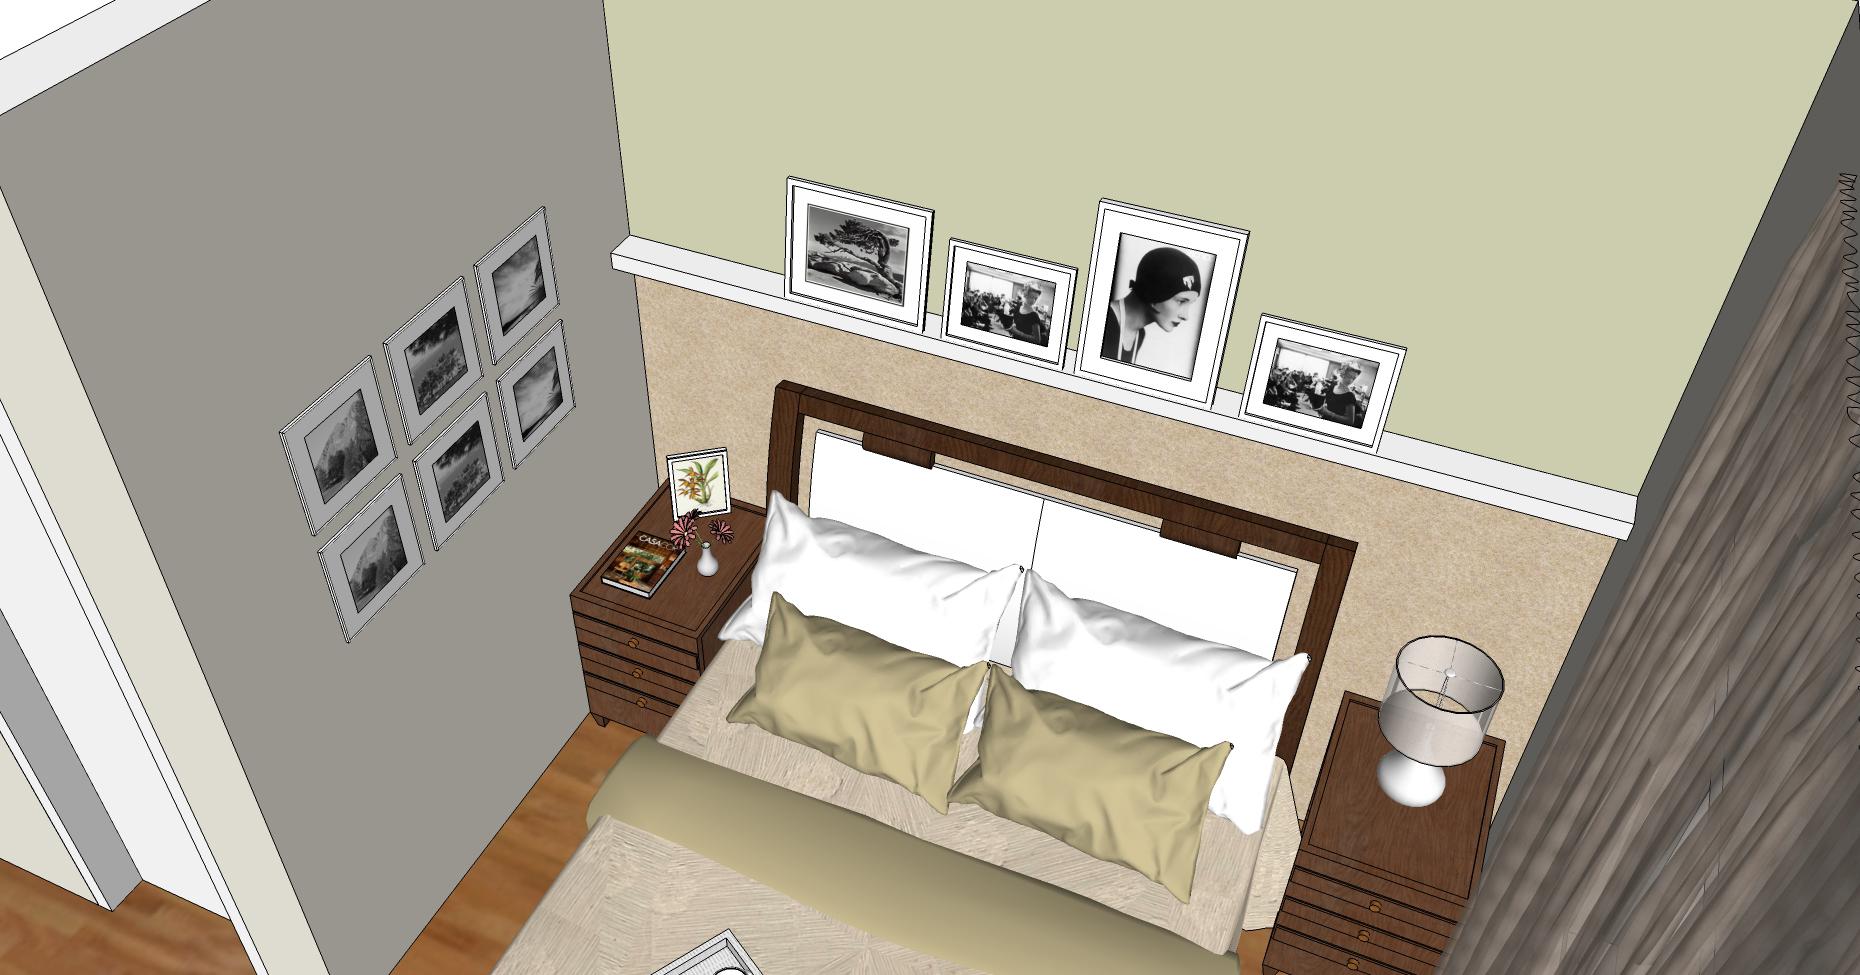 Consultoria dads dormit rio su te e escrit rio for Quadros dormitorio